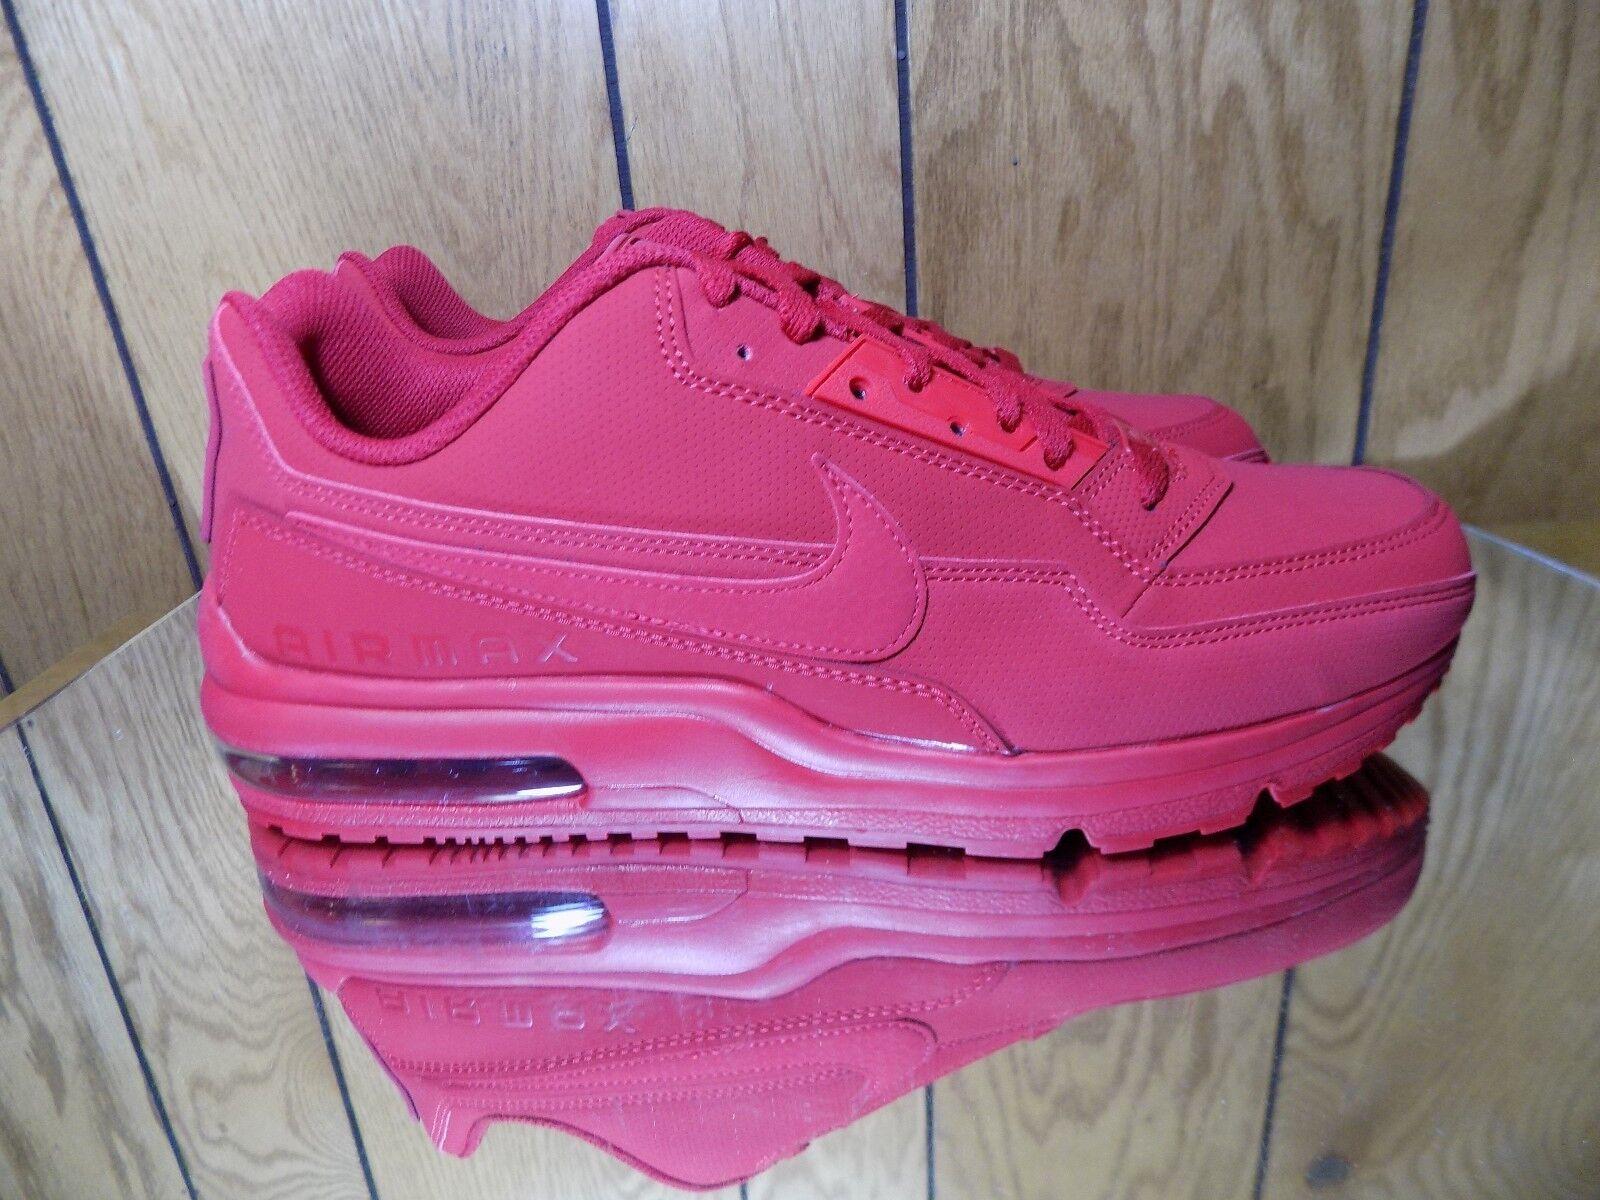 Nike Air Max LTD los 3 Zapatos corrientes de los LTD hombres de gimnasio Rojo / gimnasio Rojo 687977-602 s nuevos a29b48